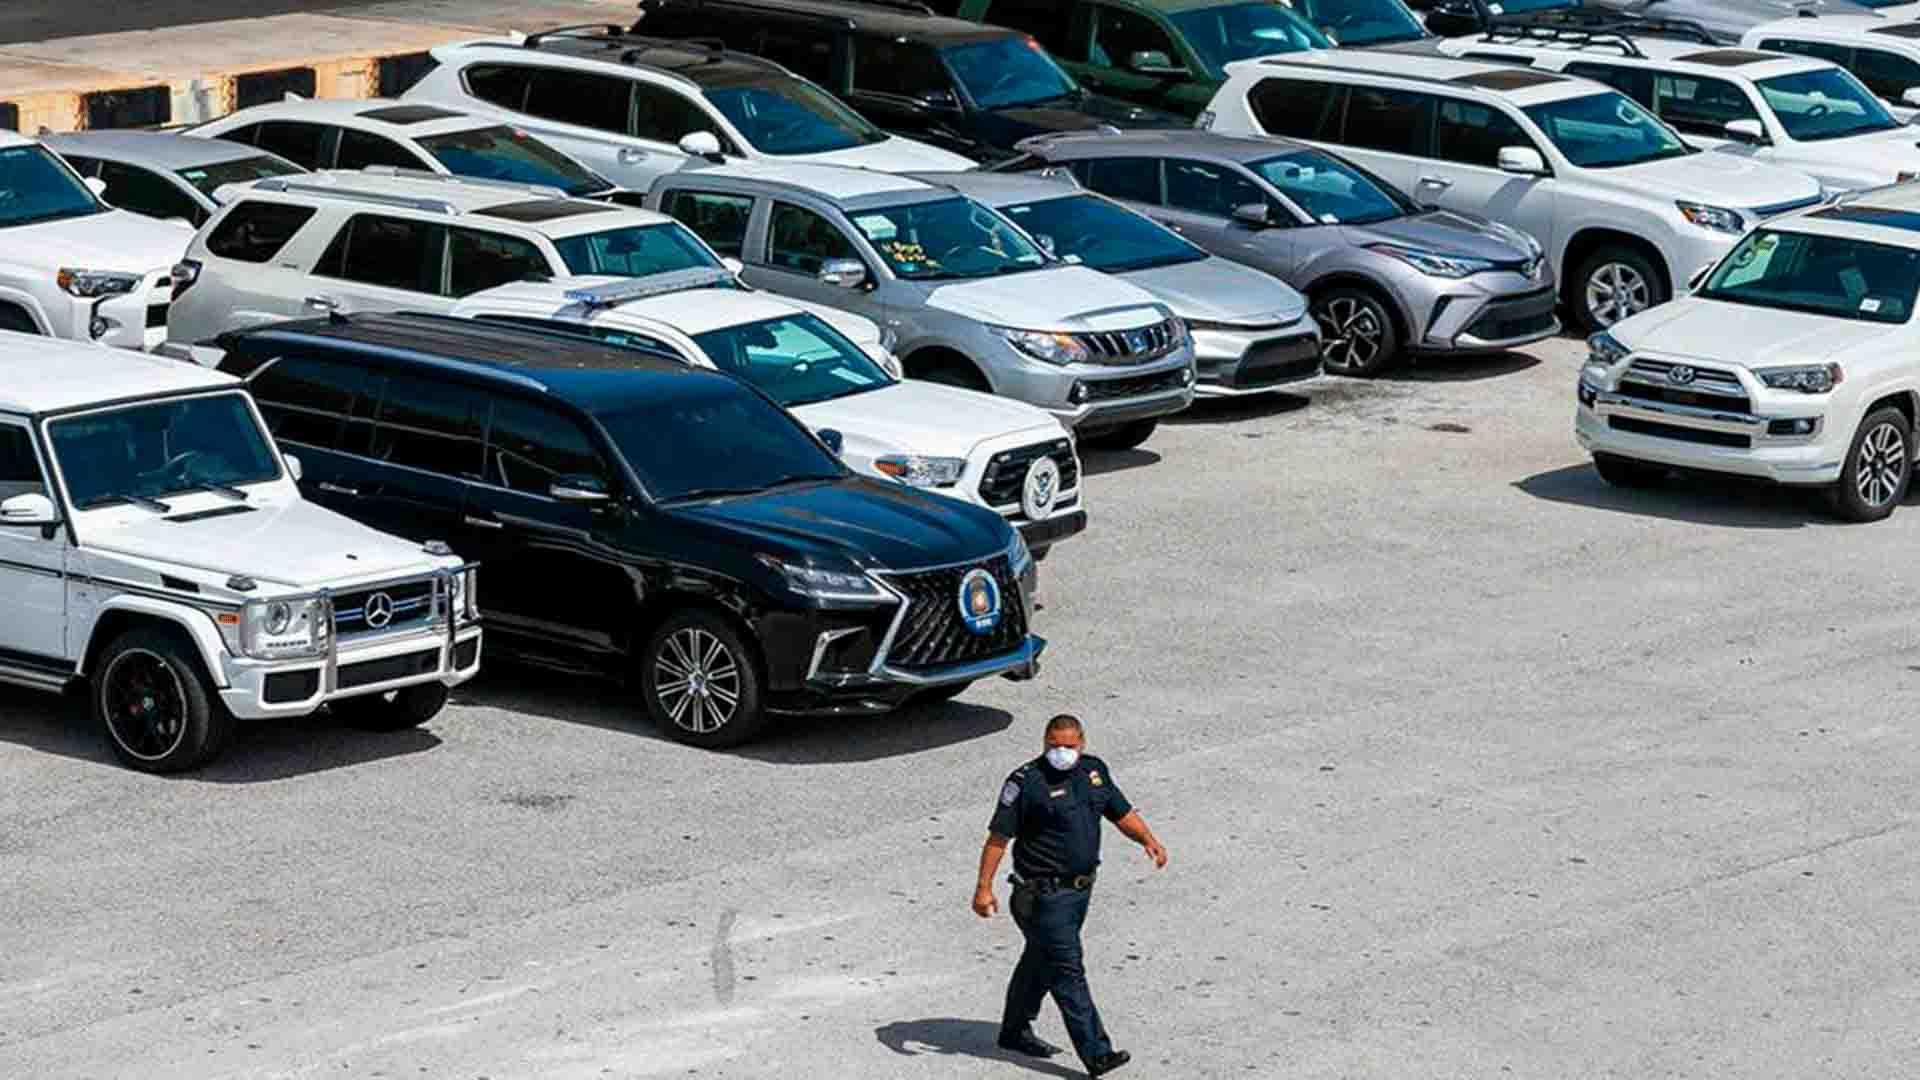 Gobierno estadounidense confisca autos que Raúl Gorrín iba a enviar a Venezuela